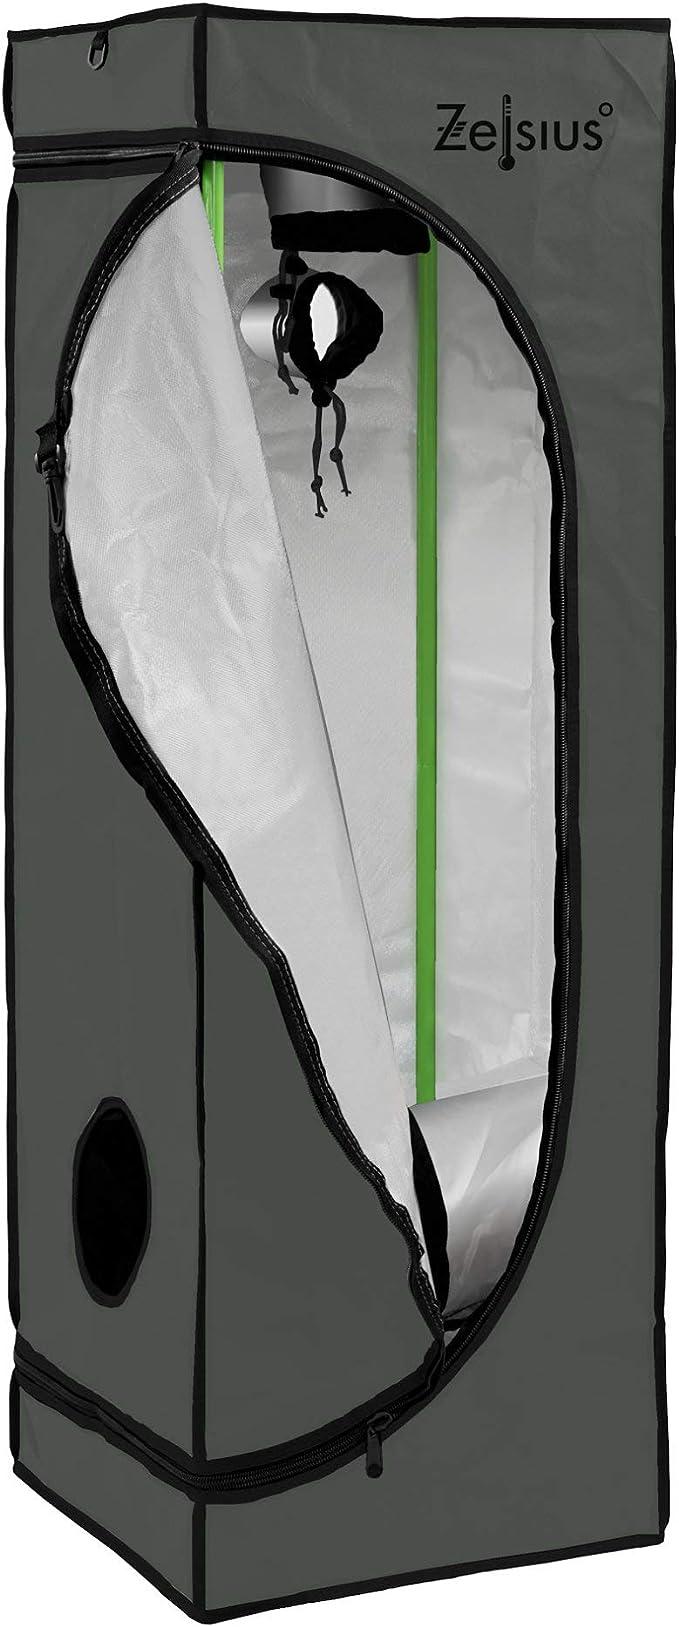 240 * 240 * 200CM U-Kiss Growzelt Anbauzelt Gew/ächszelt Zuchtschrank f/ür Pflanzenzucht zuhause Darkroom Pflanzenzelt Gew/ächshaus Zuchtzelt